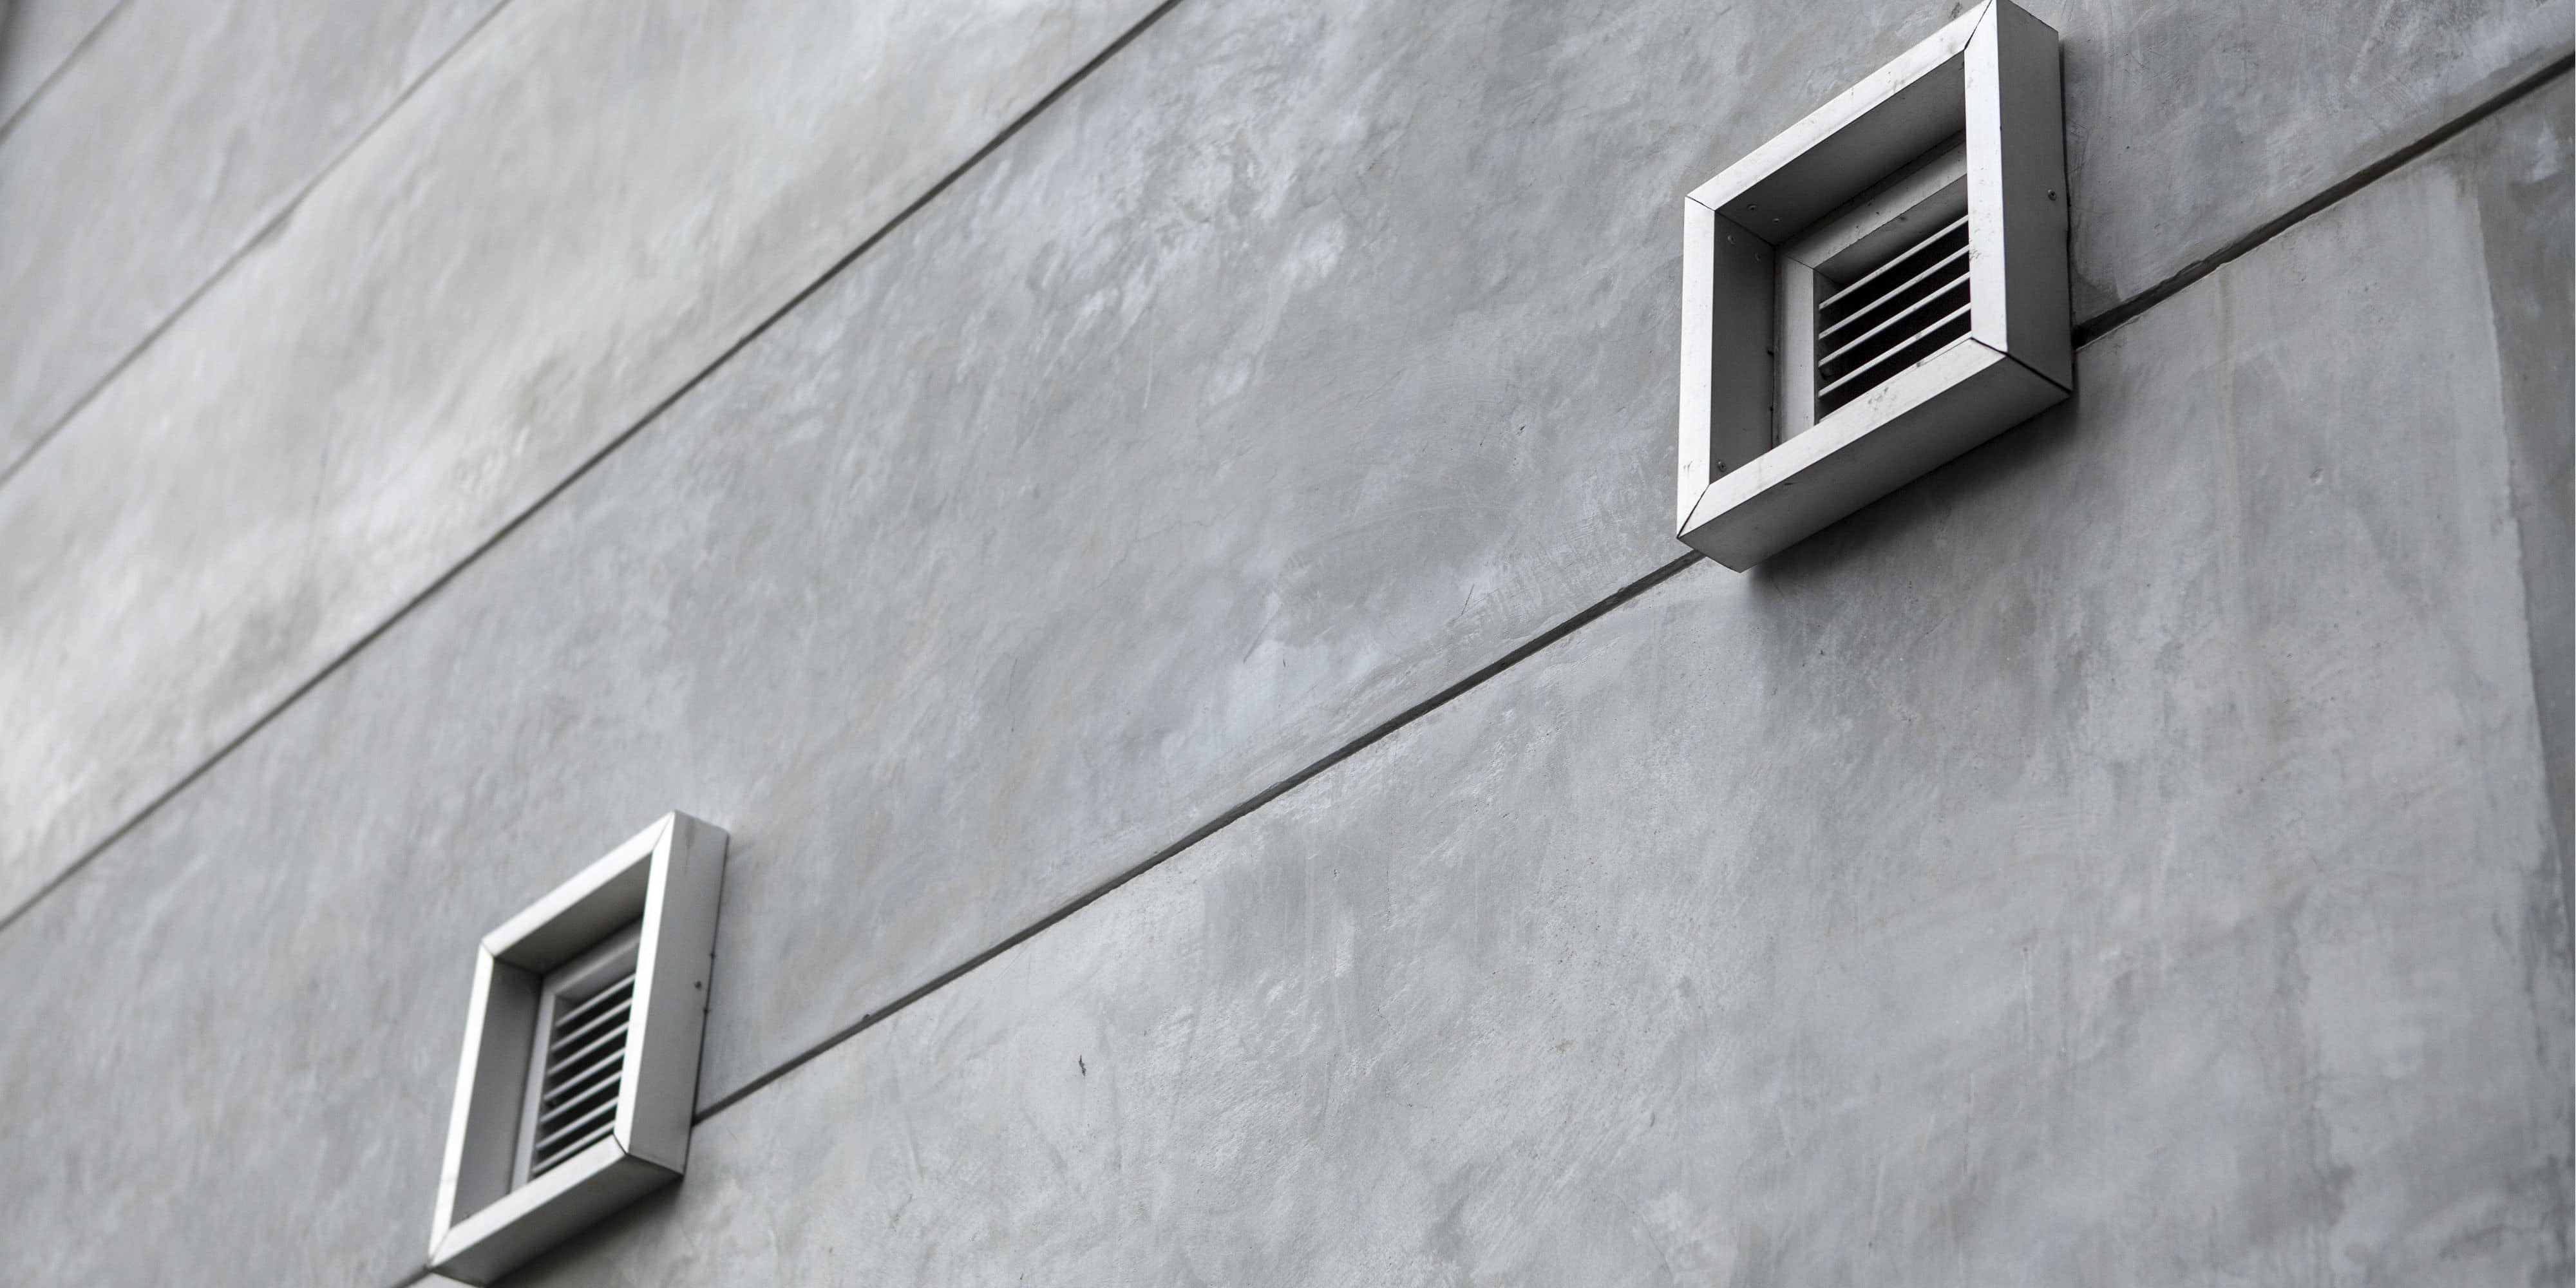 Geluidsdemper ventilatiesysteem